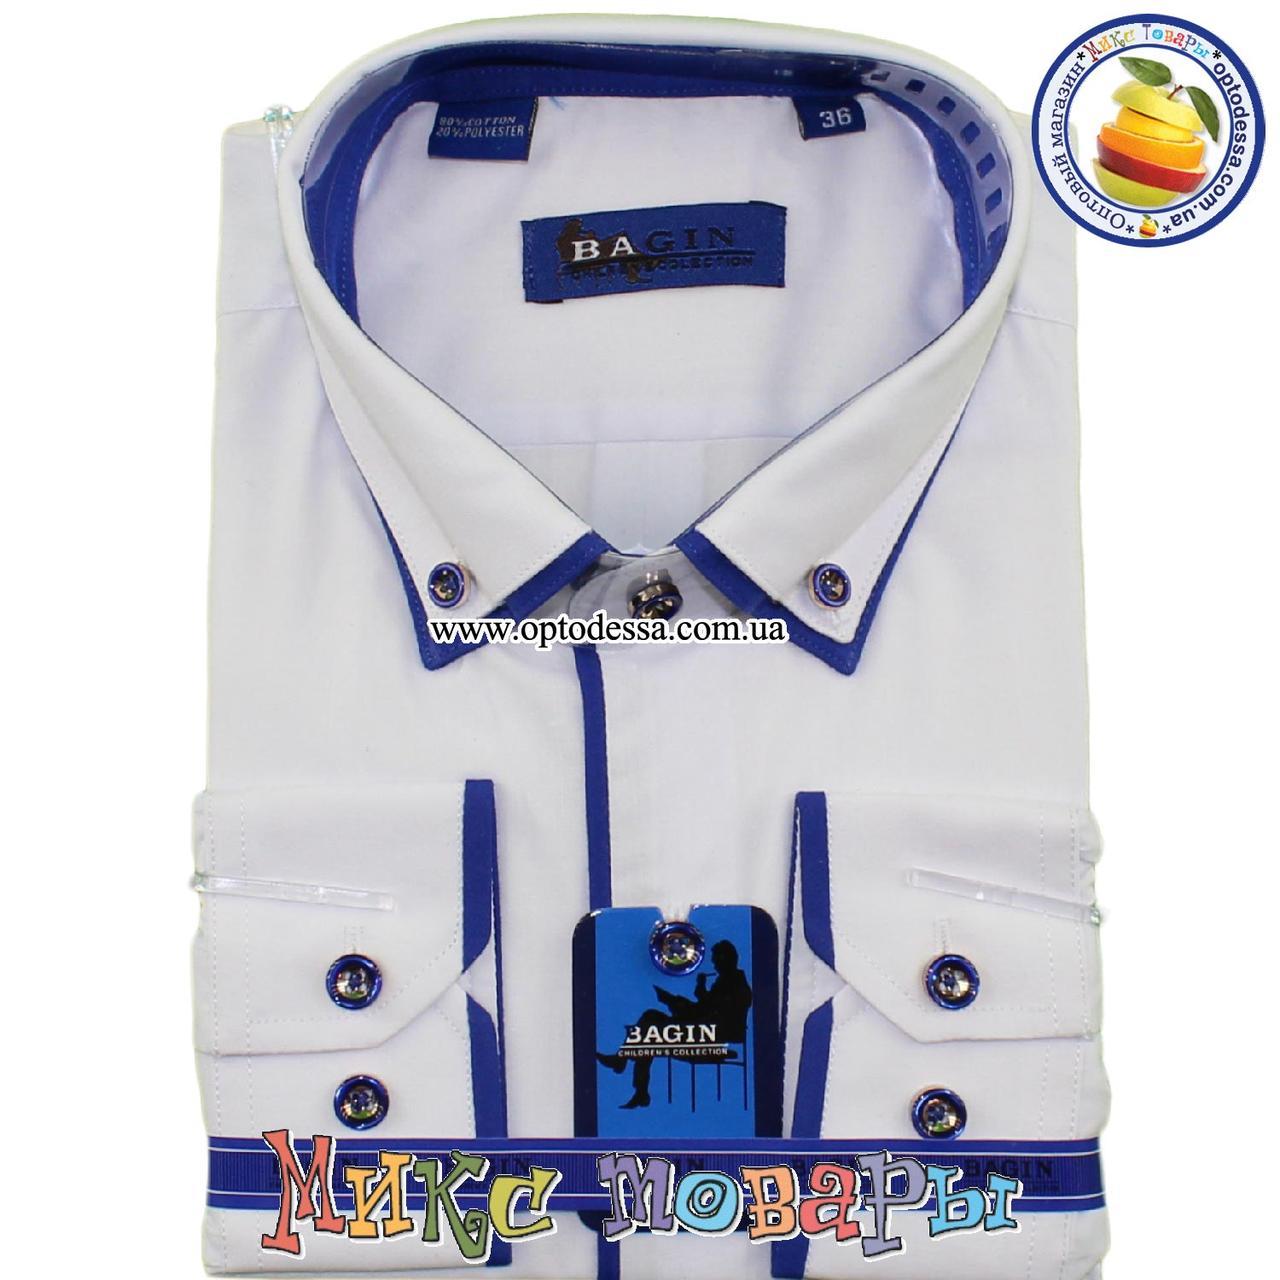 Белая рубашка с синей окантовкой Длинный рукав (Ворот: 28- 36) (vk88-2)